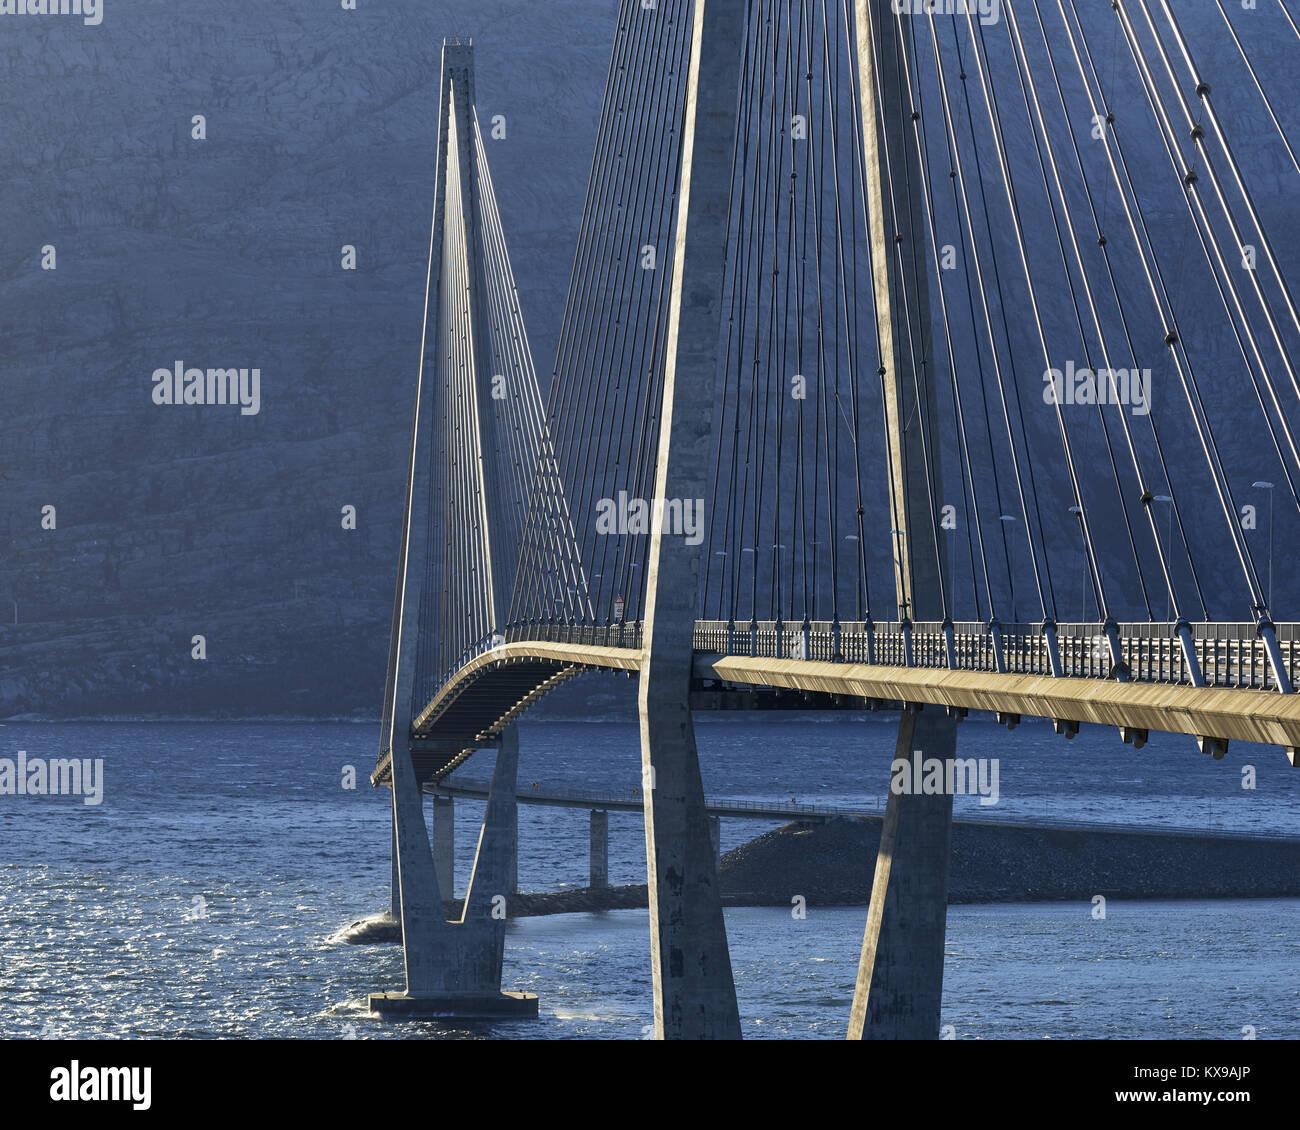 Helgeland bridge, Helgelandsbrua, over the Leirfjorden, near Sandnessjoen, Alstahaug, Nordland, Norway Stock Photo